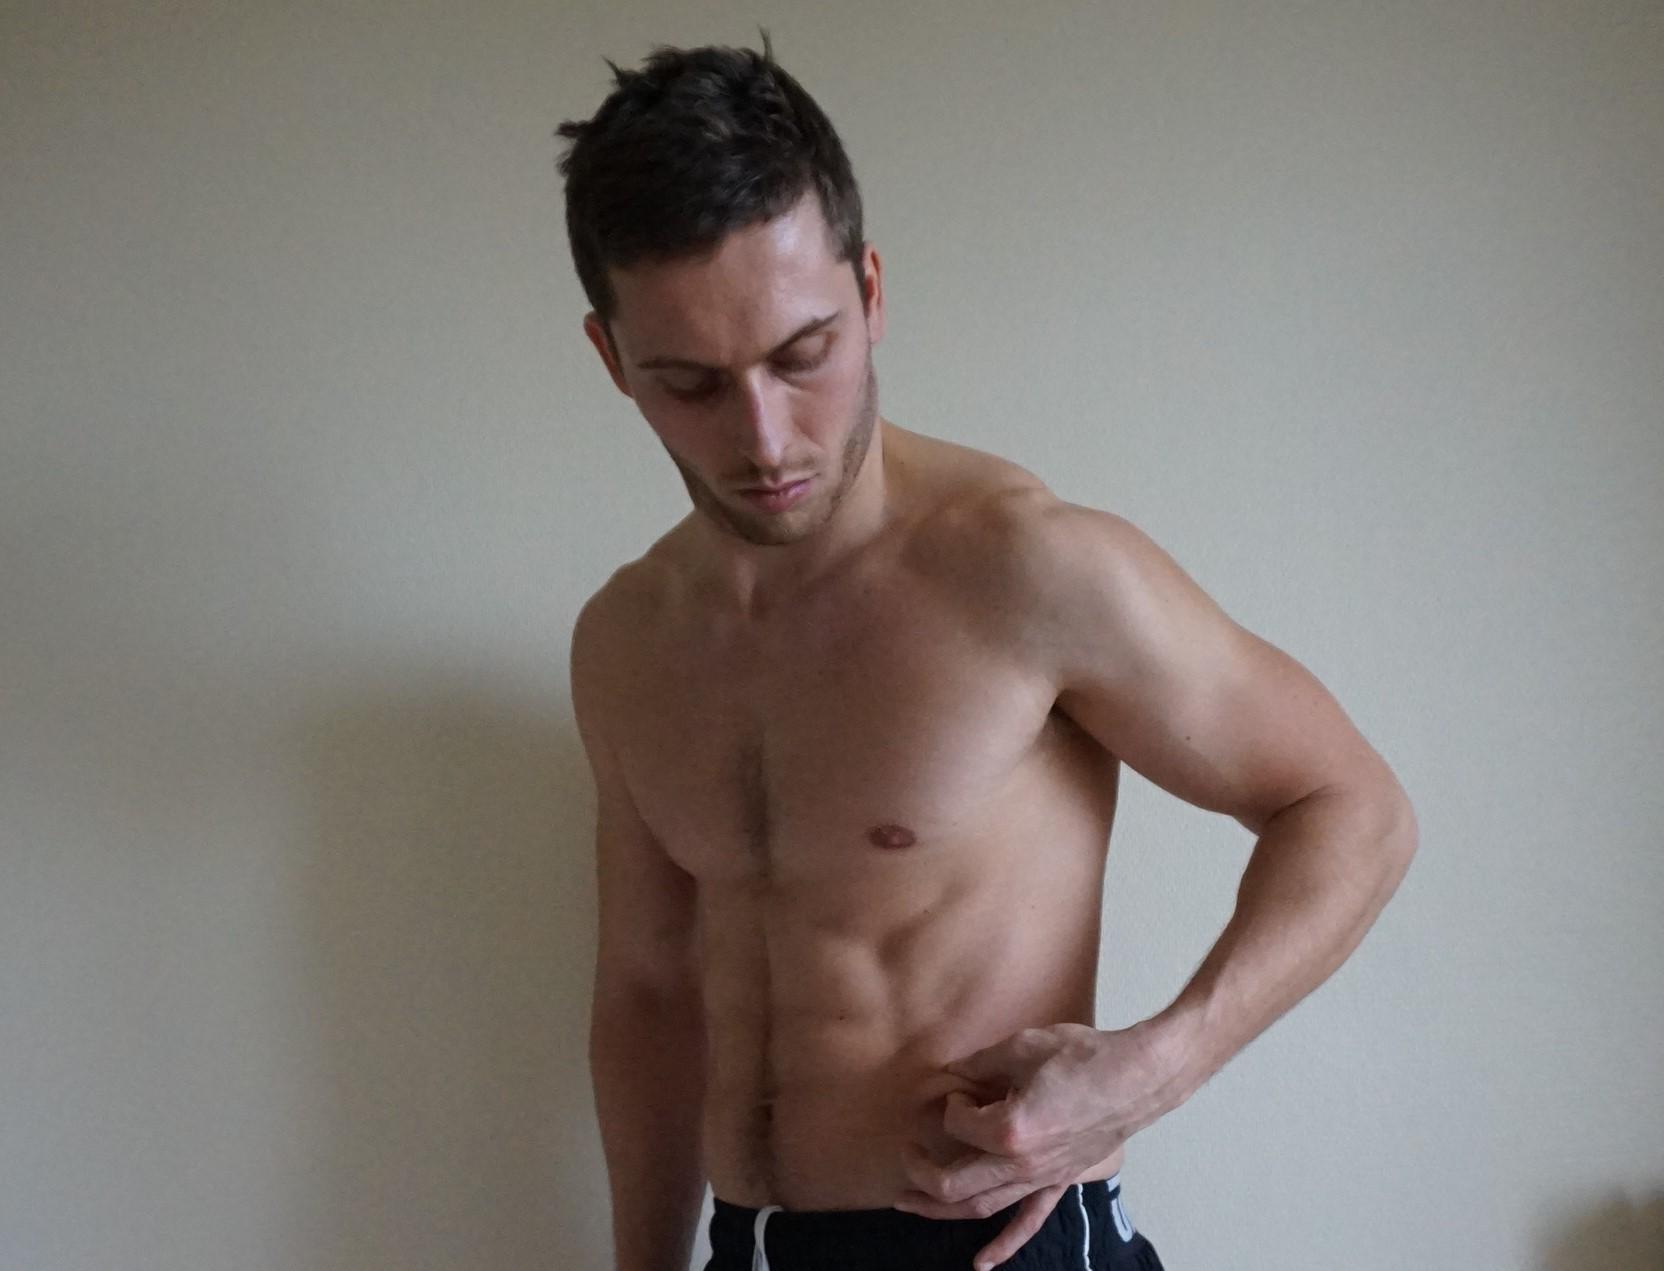 4 conseils pour perdre du poids durablement avec la musculation